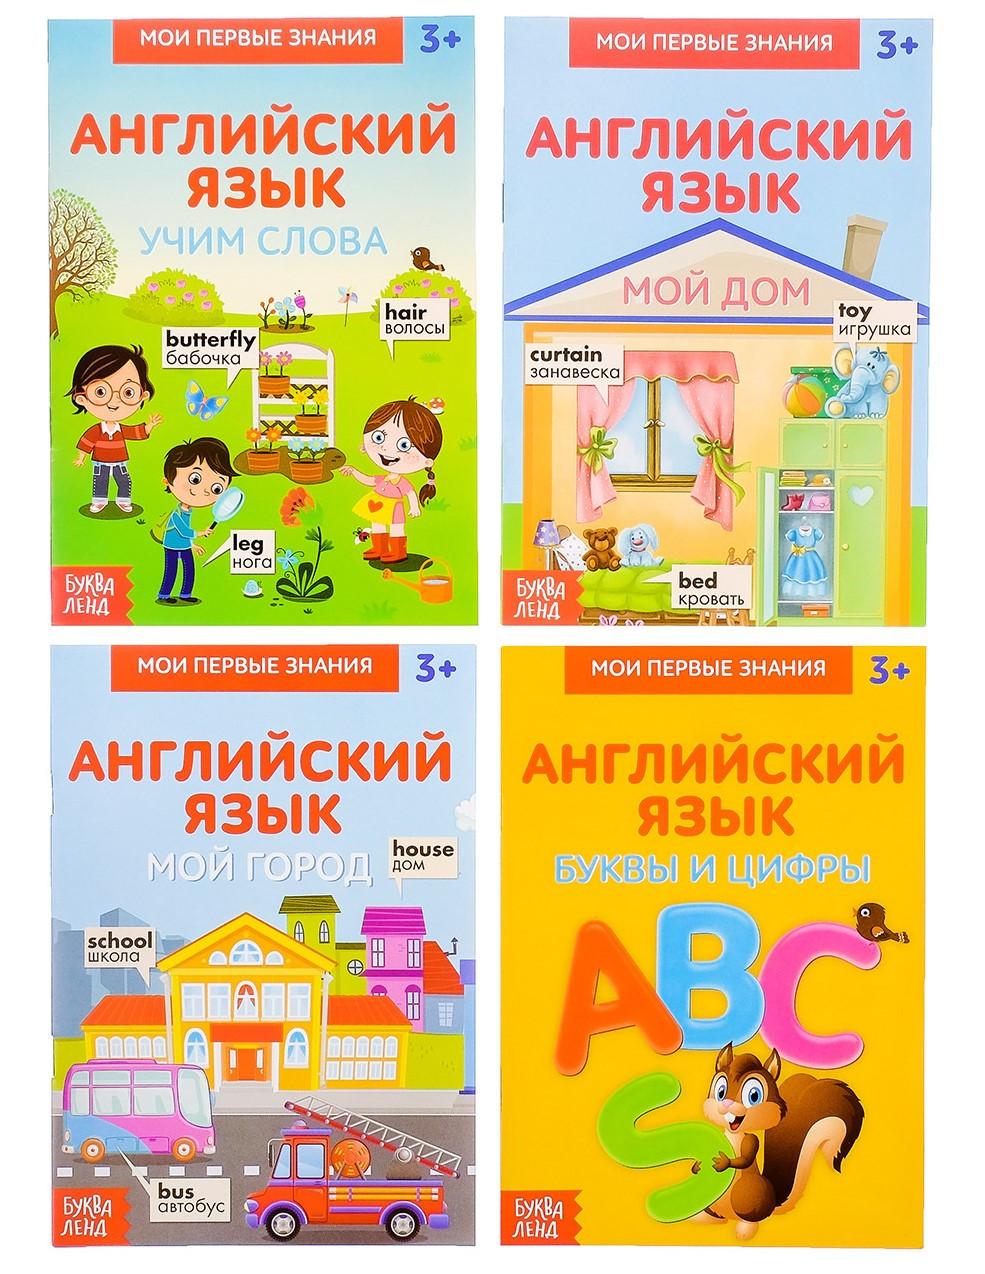 Книги-шпаргалки набор по английскому языку, 8 стр. 17*12см